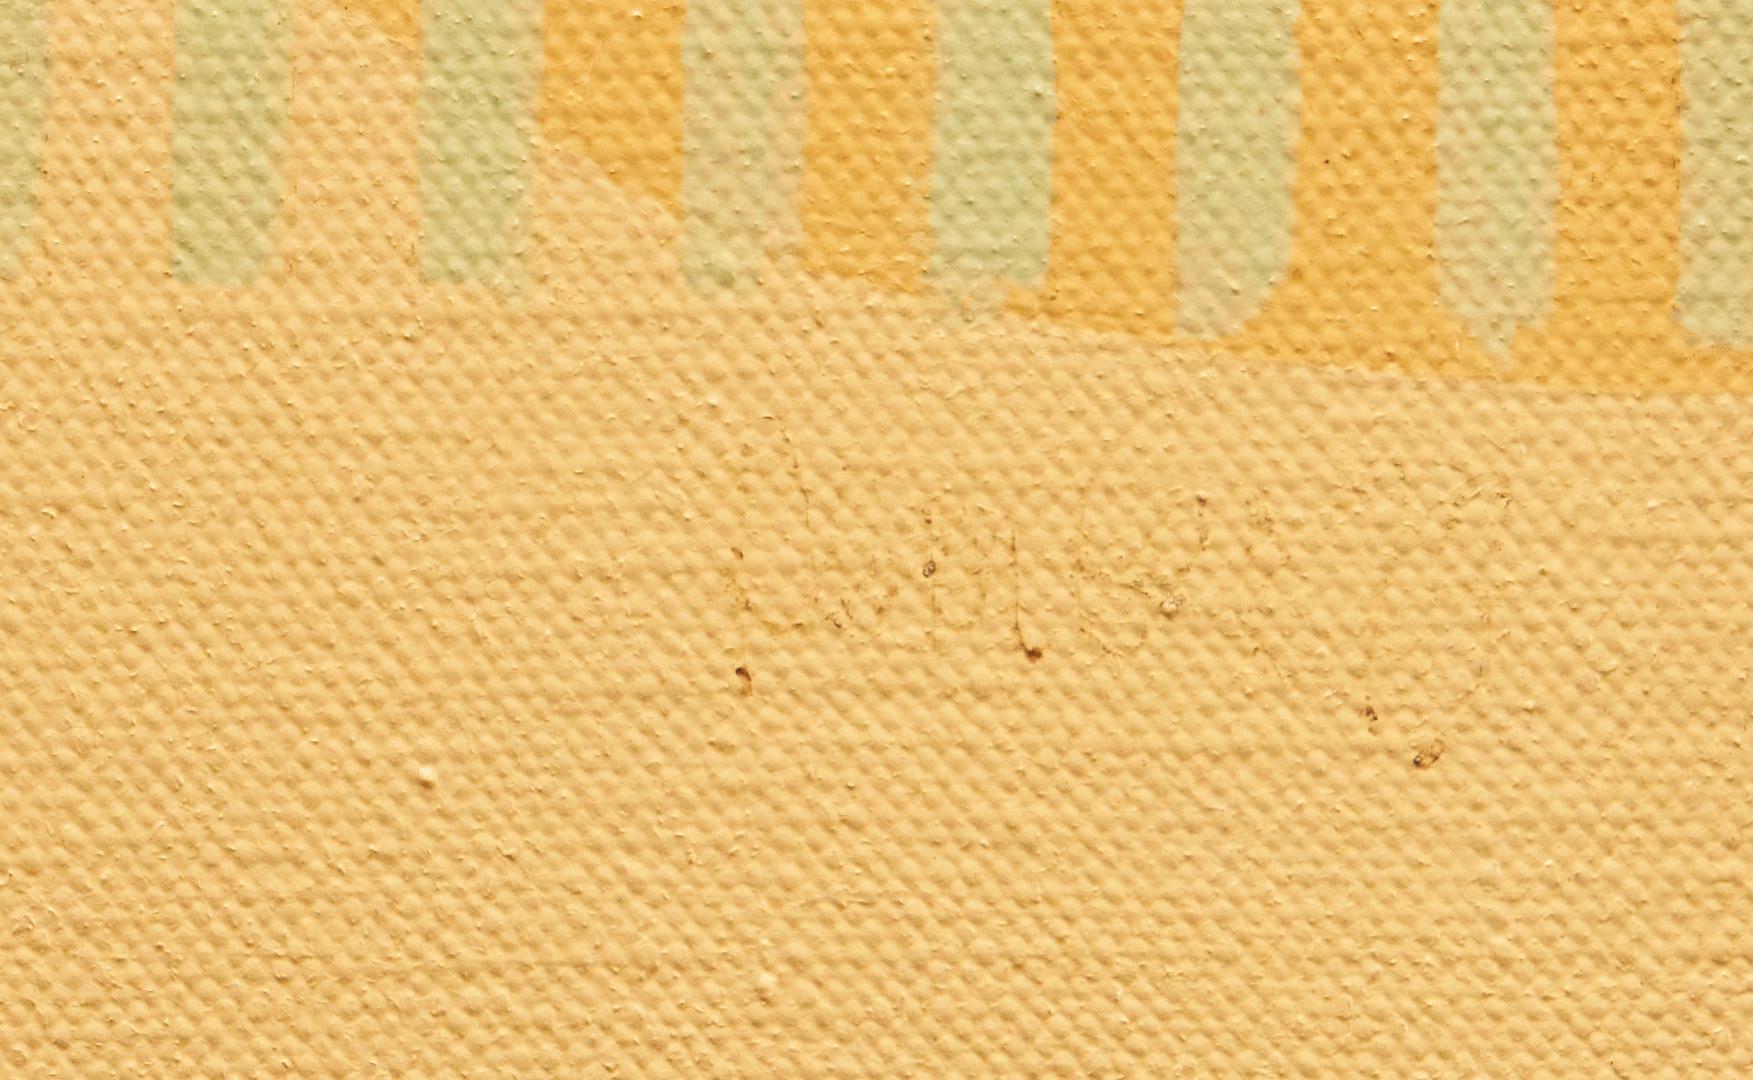 Lot 893: 3 John Sember O/C Minimalist Paintings